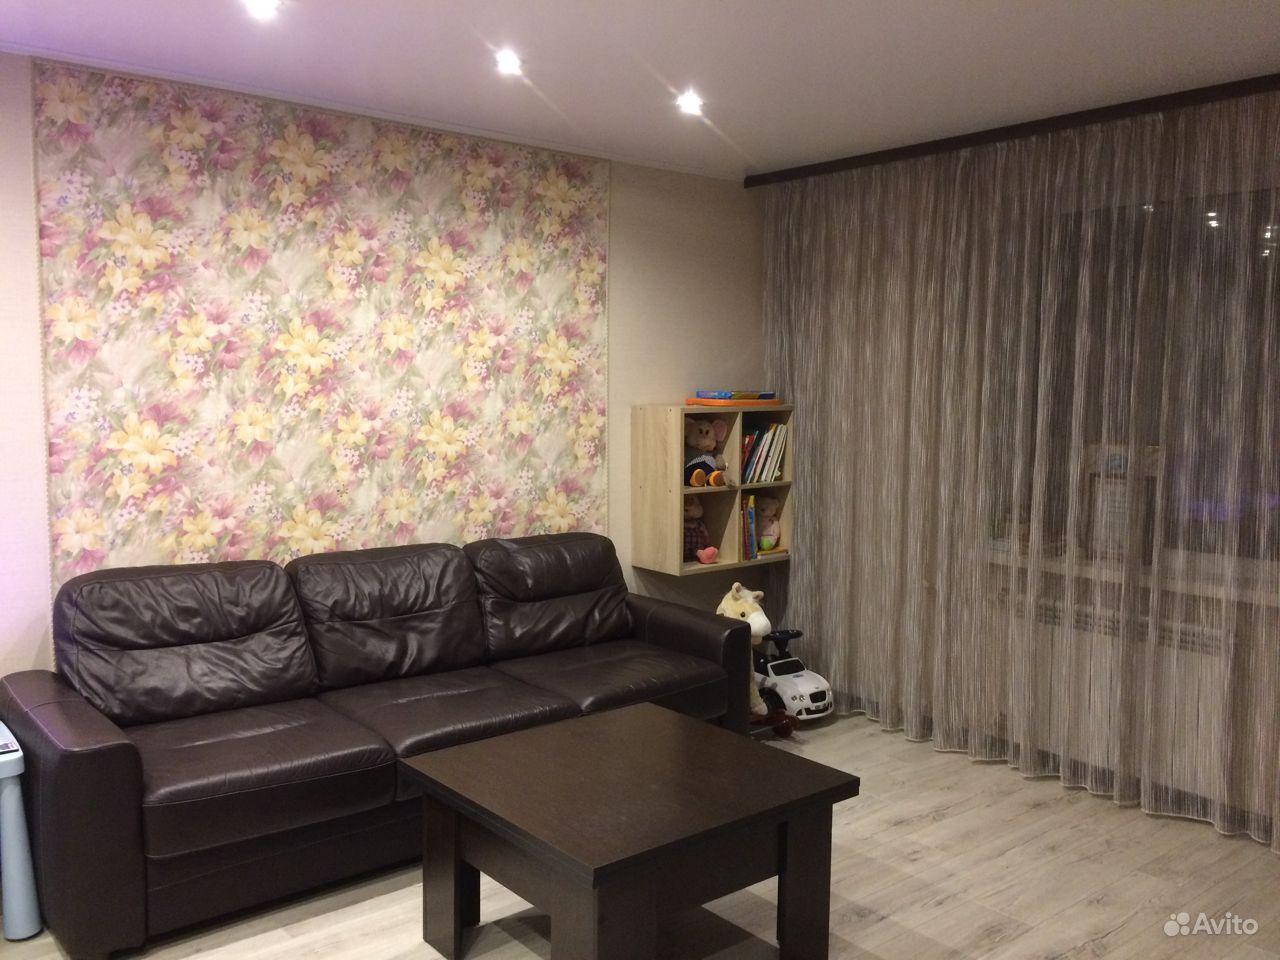 Недвижимость Квартиры / 1-к квартира, 42.7 м², 1/5 эт.